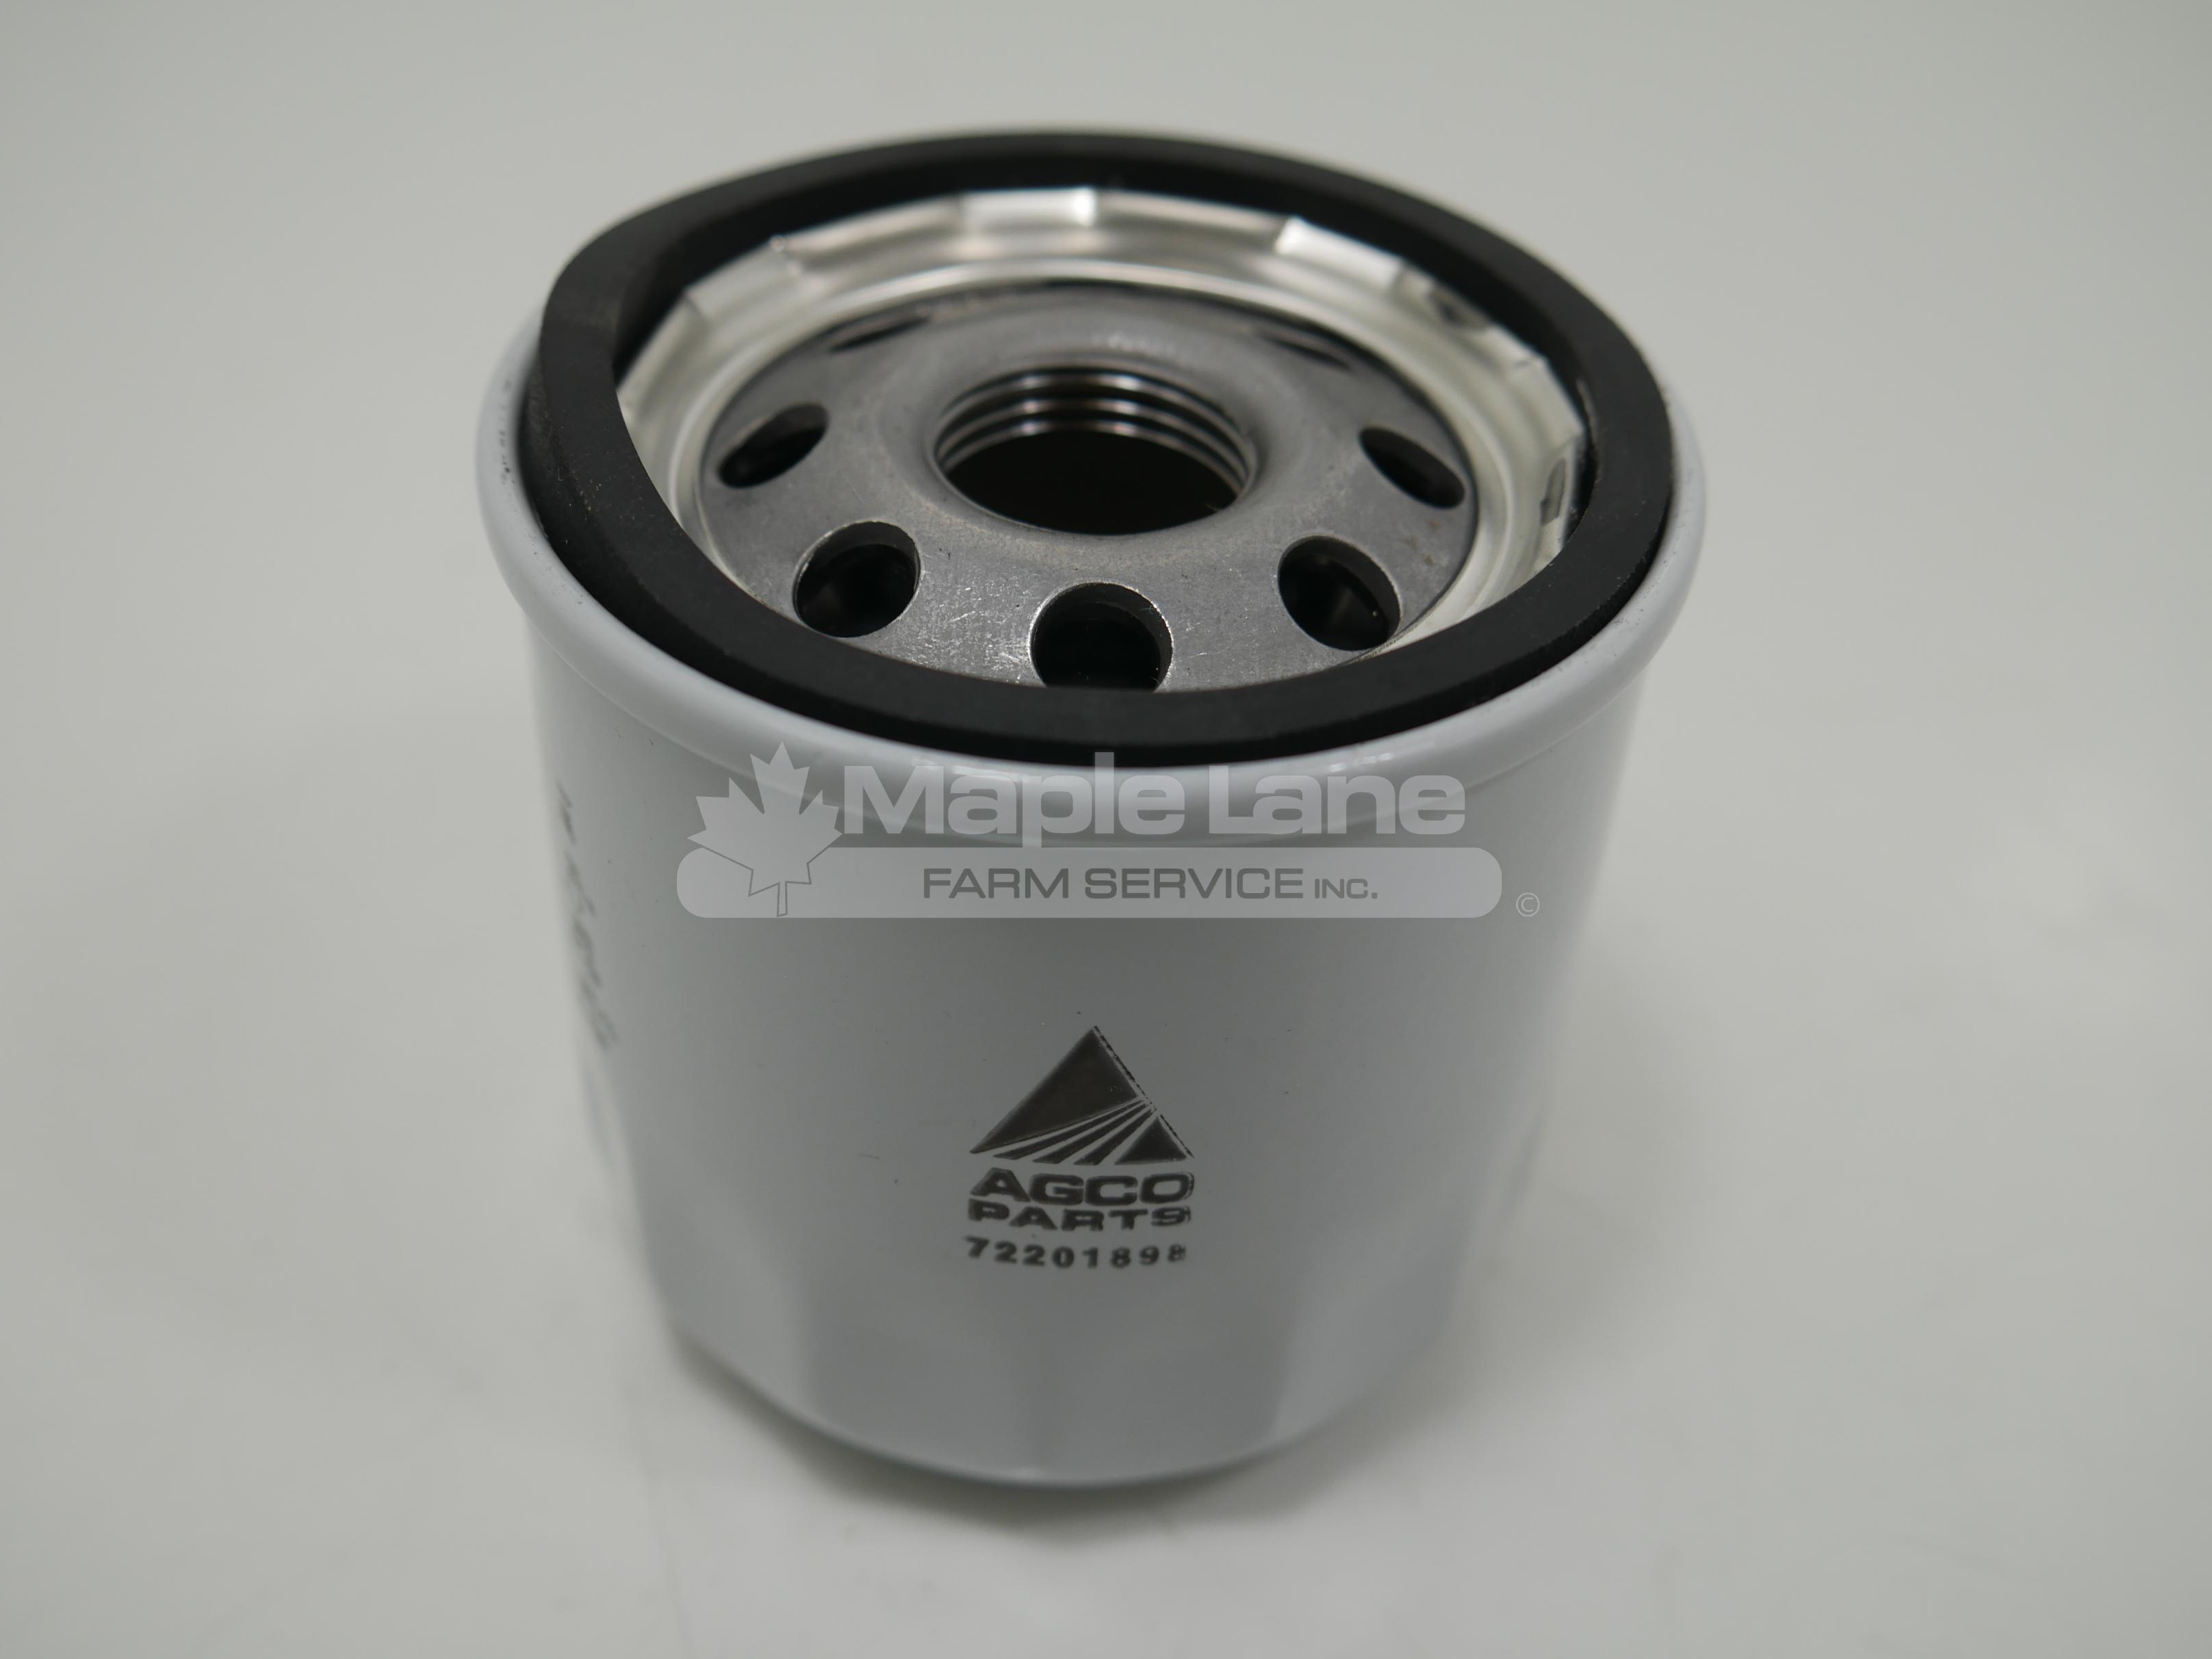 72201898 Engine Oil Filter